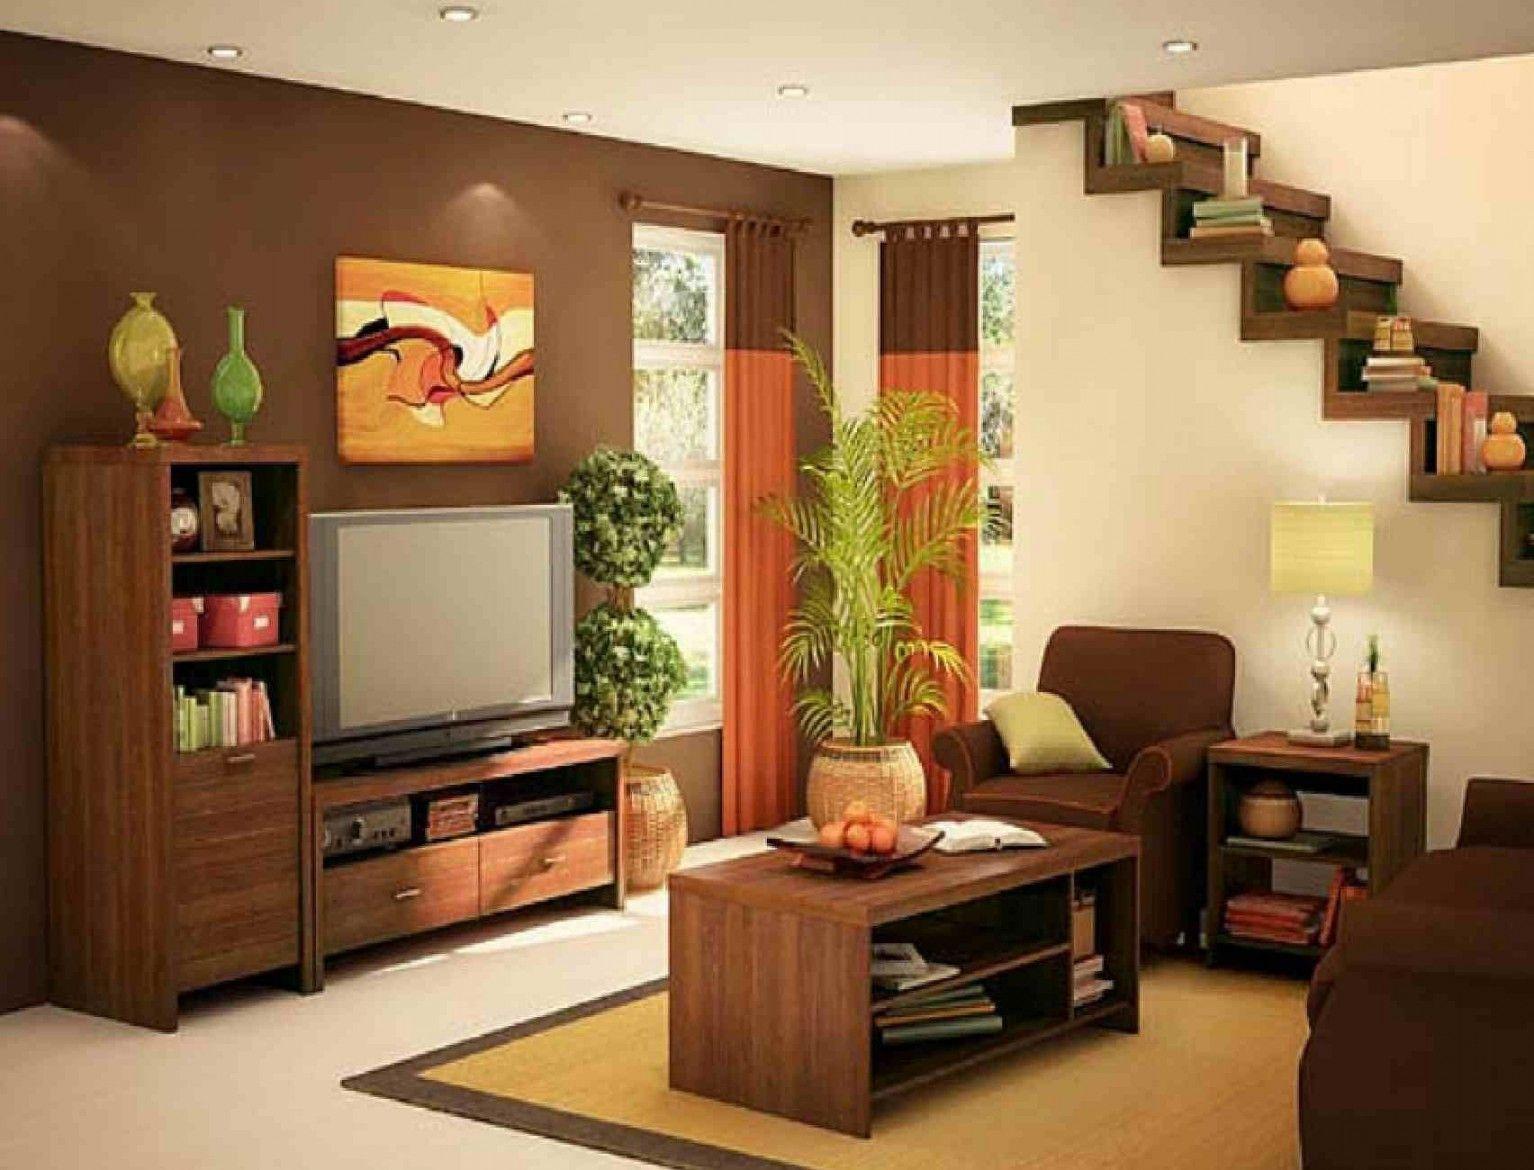 interior design ideas living rooms philippines small on home interior design ideas id=89523